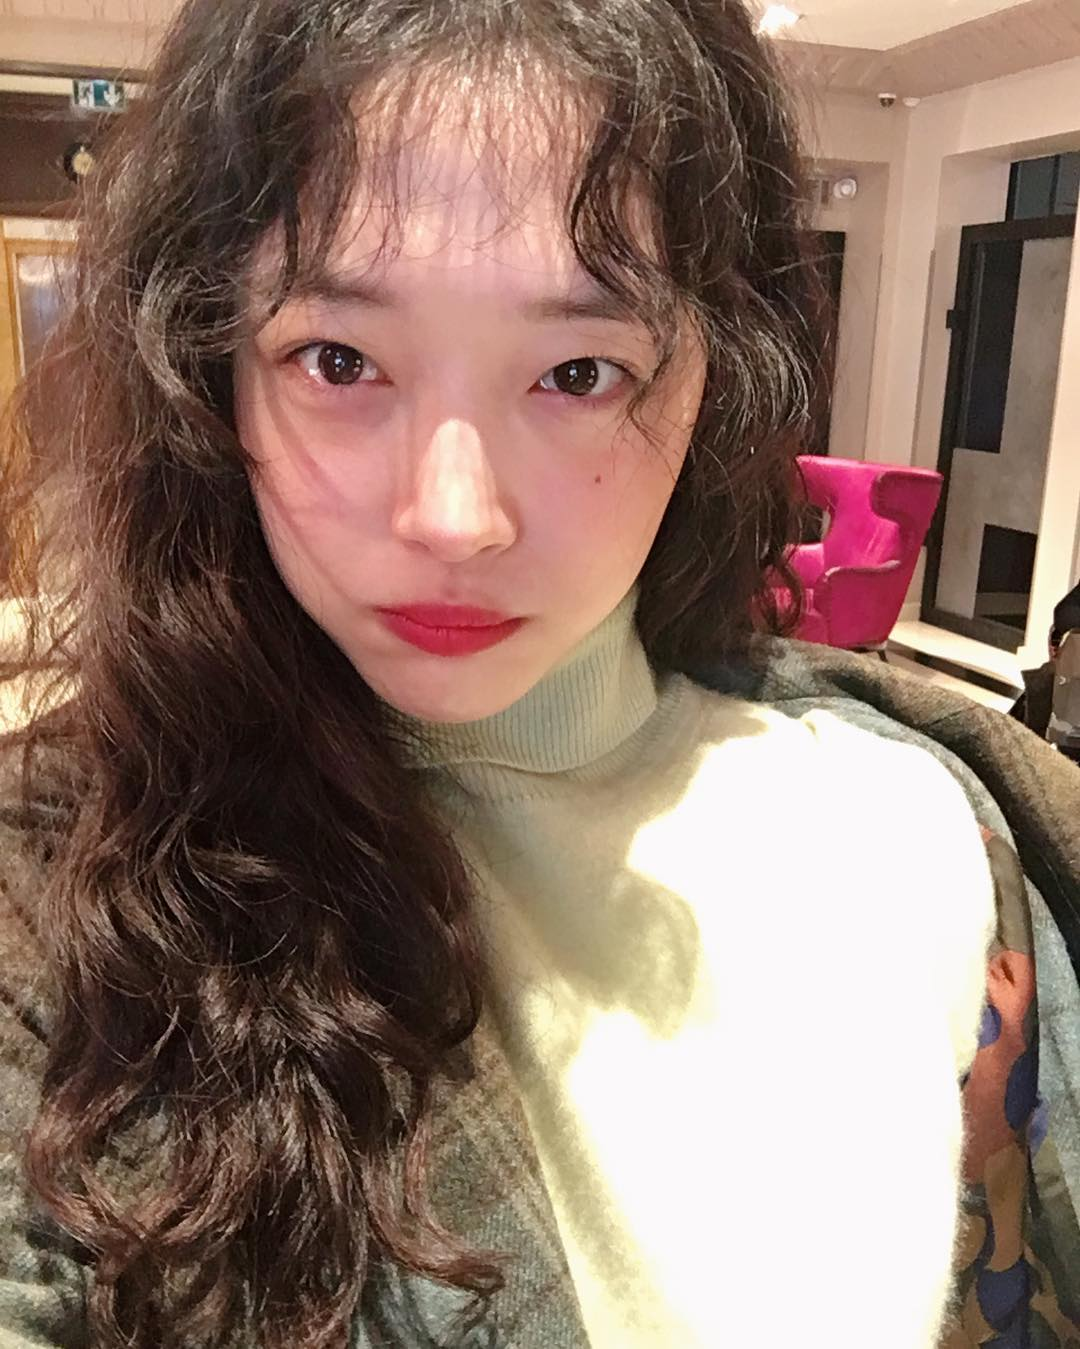 Chán tóc xoăn nhẹ nhàng, con gái Hàn rủ nhau làm tóc xoăn xù mì